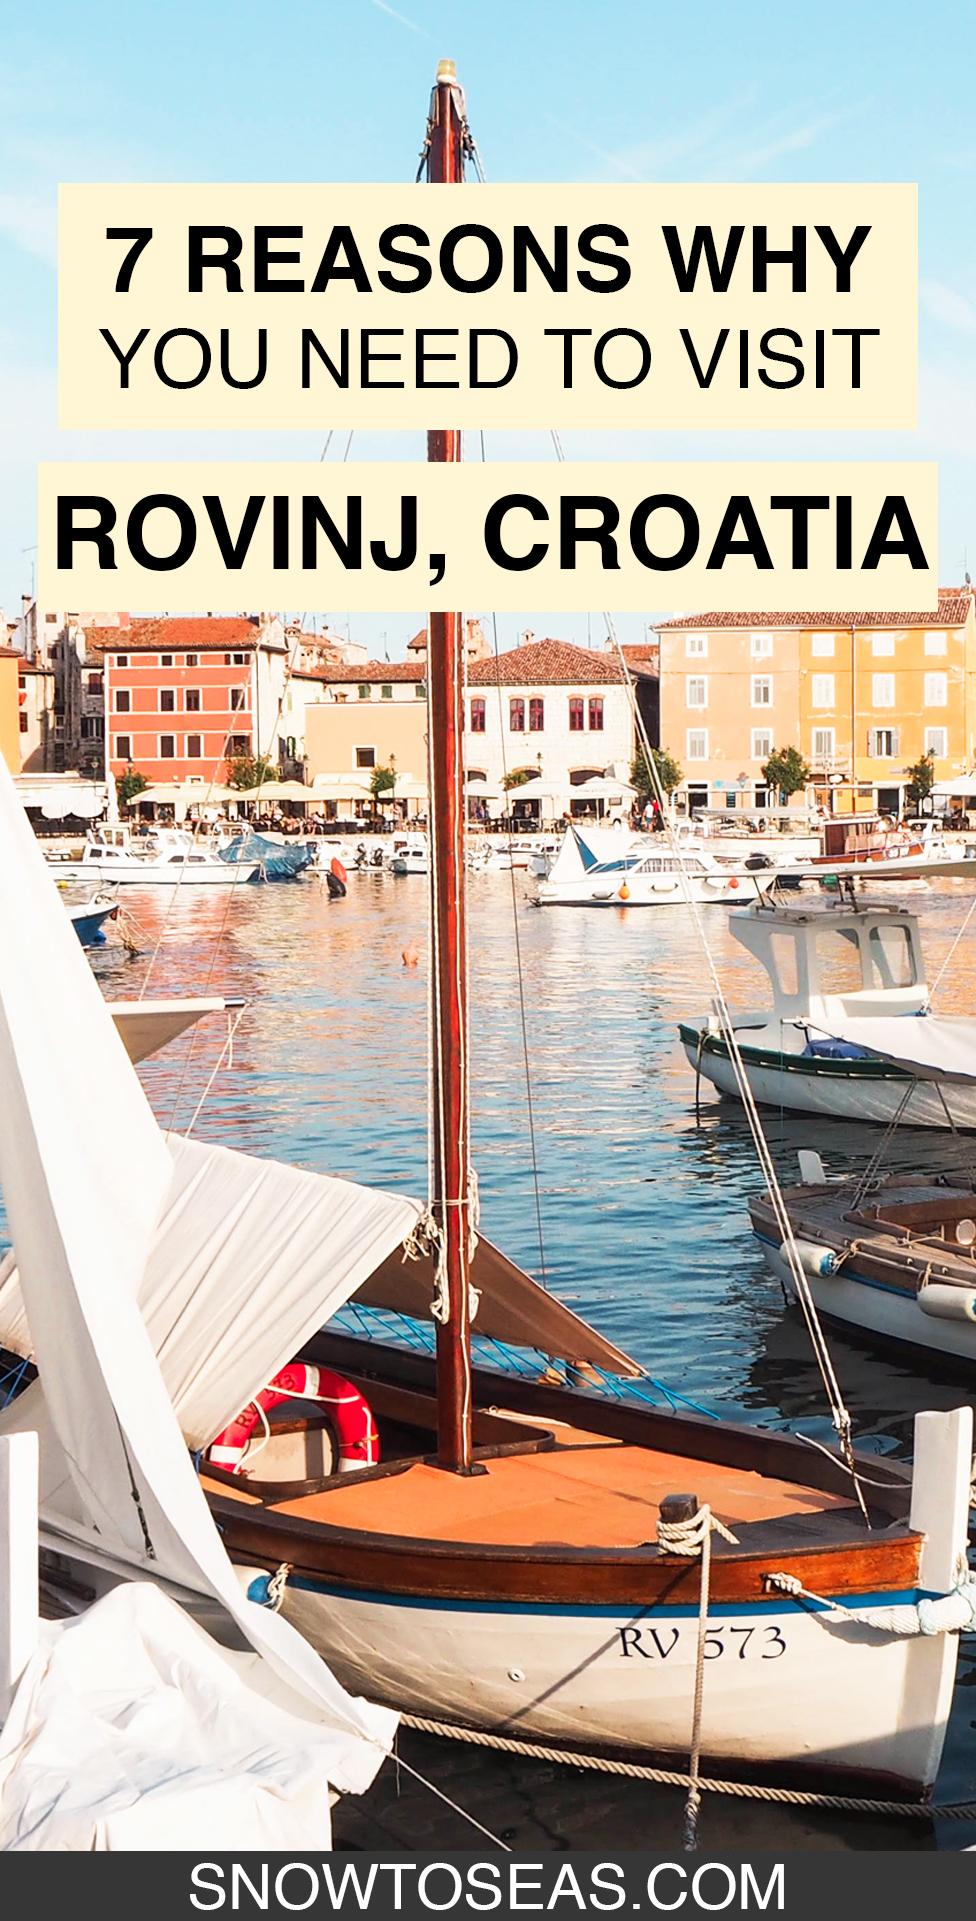 Visit Rovinj, Croatia